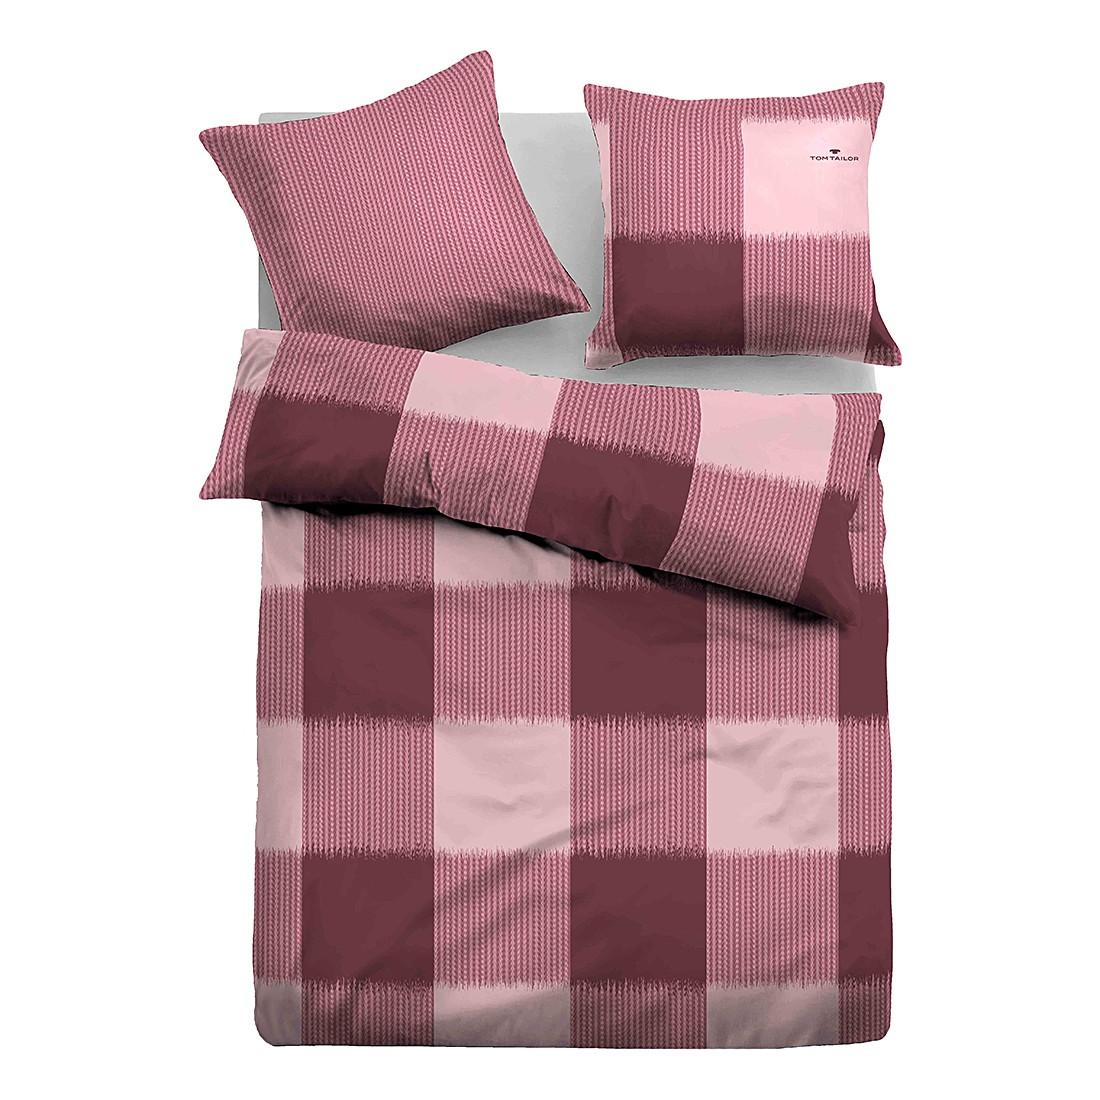 tom tailor bettw sche 200x200 microfaser bettw sche. Black Bedroom Furniture Sets. Home Design Ideas